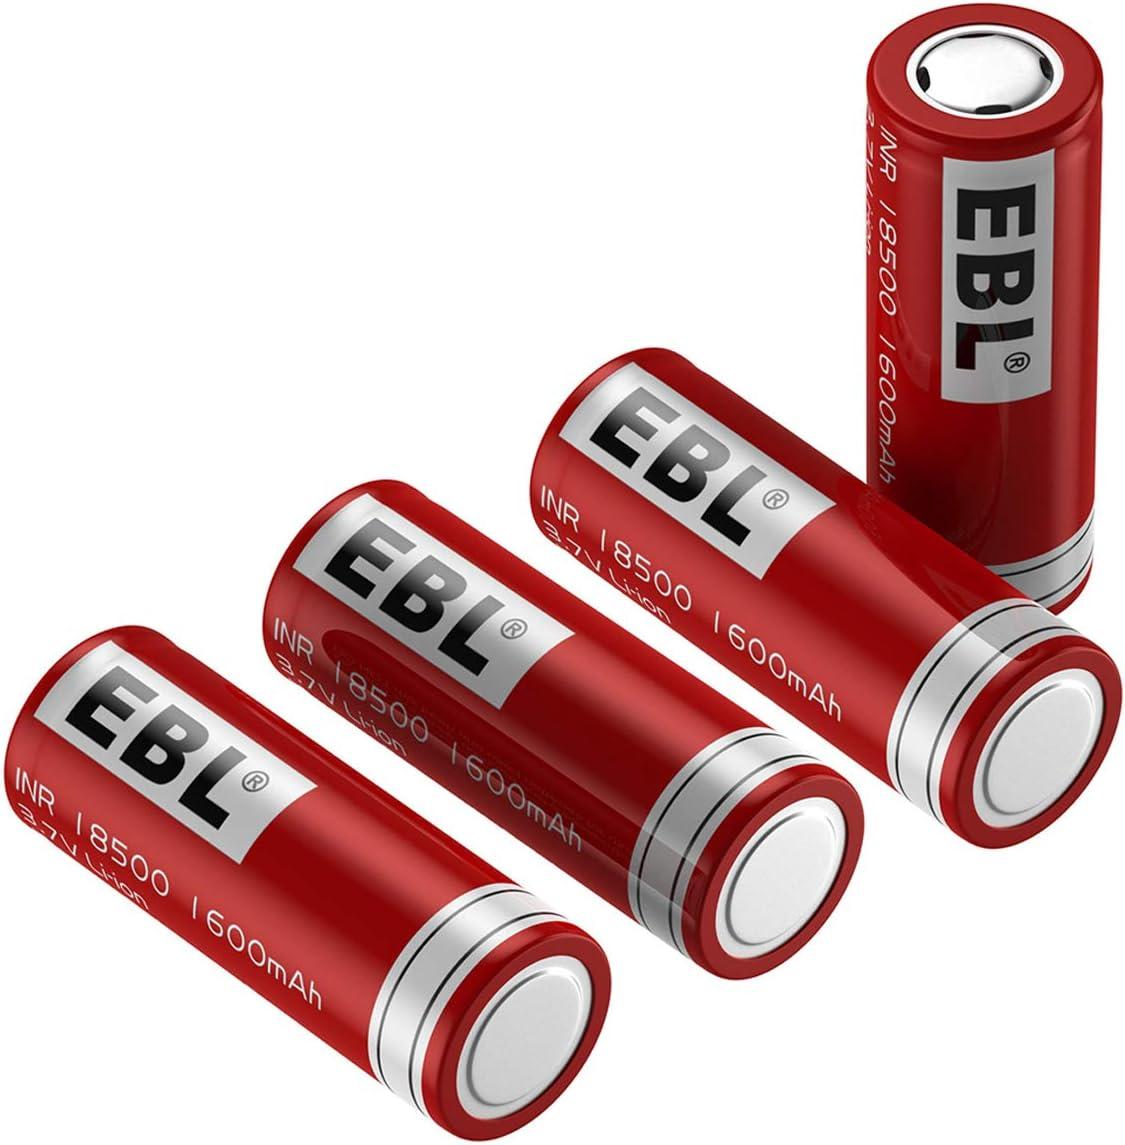 Solar Garden Light EBL 18500 Rechargeable Batteries 3.7V 1600mAh for Flashlight